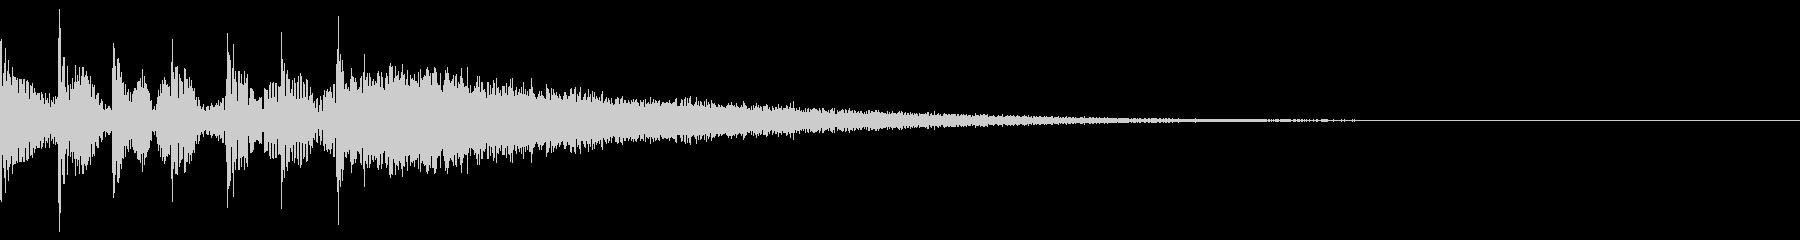 ドラムのタムロール後にシンバルの未再生の波形